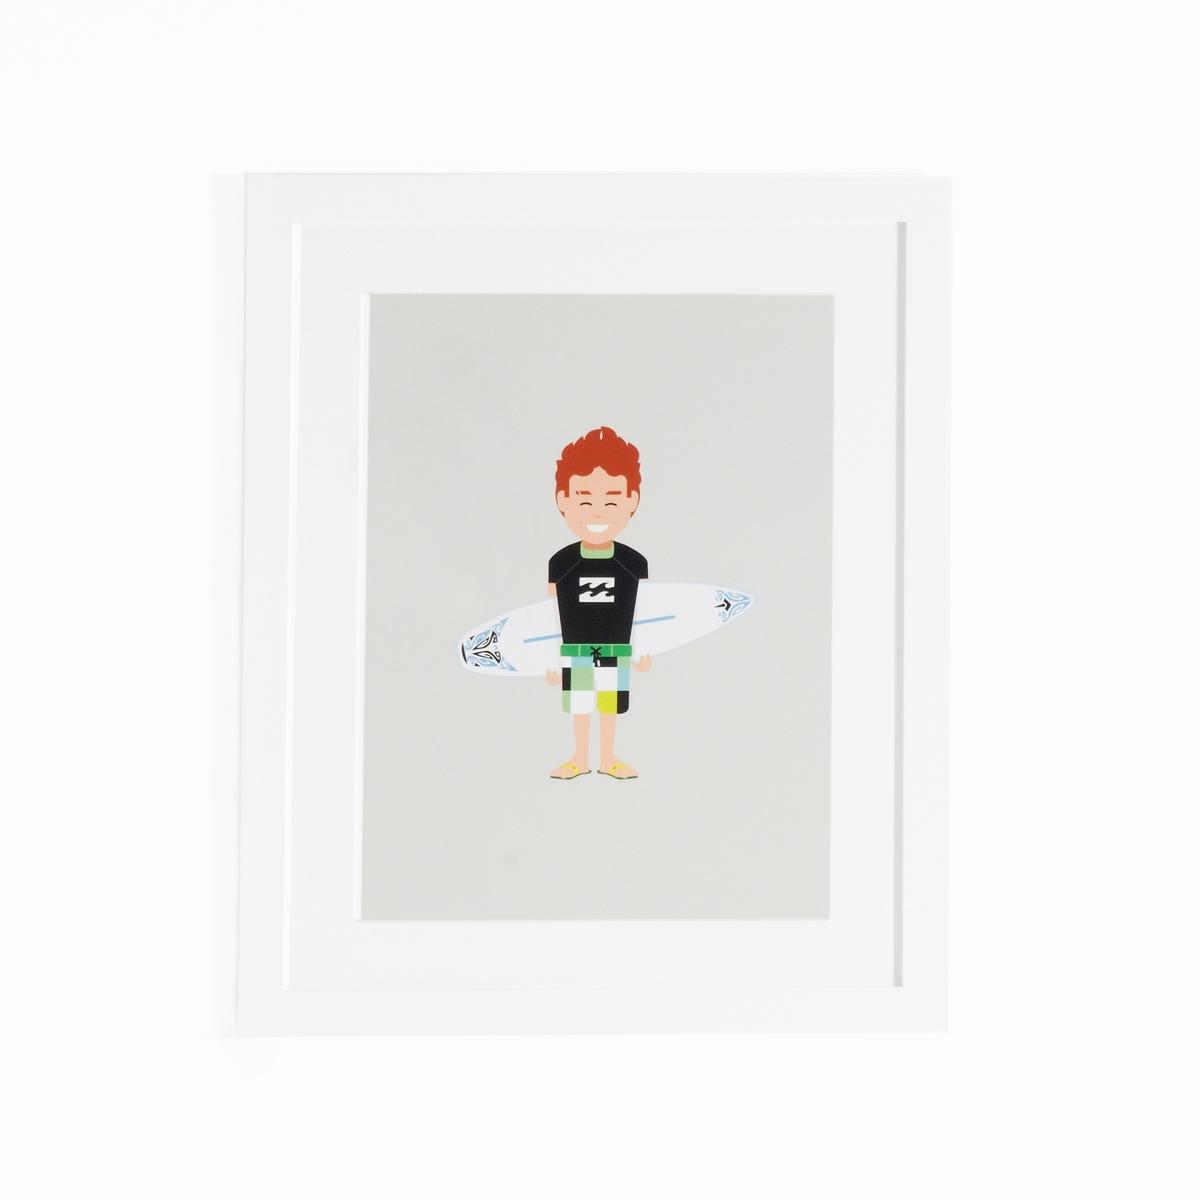 Плакат в рамке с изображением серфингиста, CoriamaiПлакат в рамке Coriamai. Для крепления на стену у детей, занимающихся спортом ! 6 плакатов со стилизованными персонажами для забавного и современного украшения комнаты (другие модели представлены на сайте).Характеристики : - Плакат из офсетной бумаги 170 г/м2- Рамка среднего размера- Оргстекло- Пластина для крепления на стену (винты и дюбели продаются отдельно)Размеры : - Ш.40 x В.50 см<br><br>Цвет: разноцветный